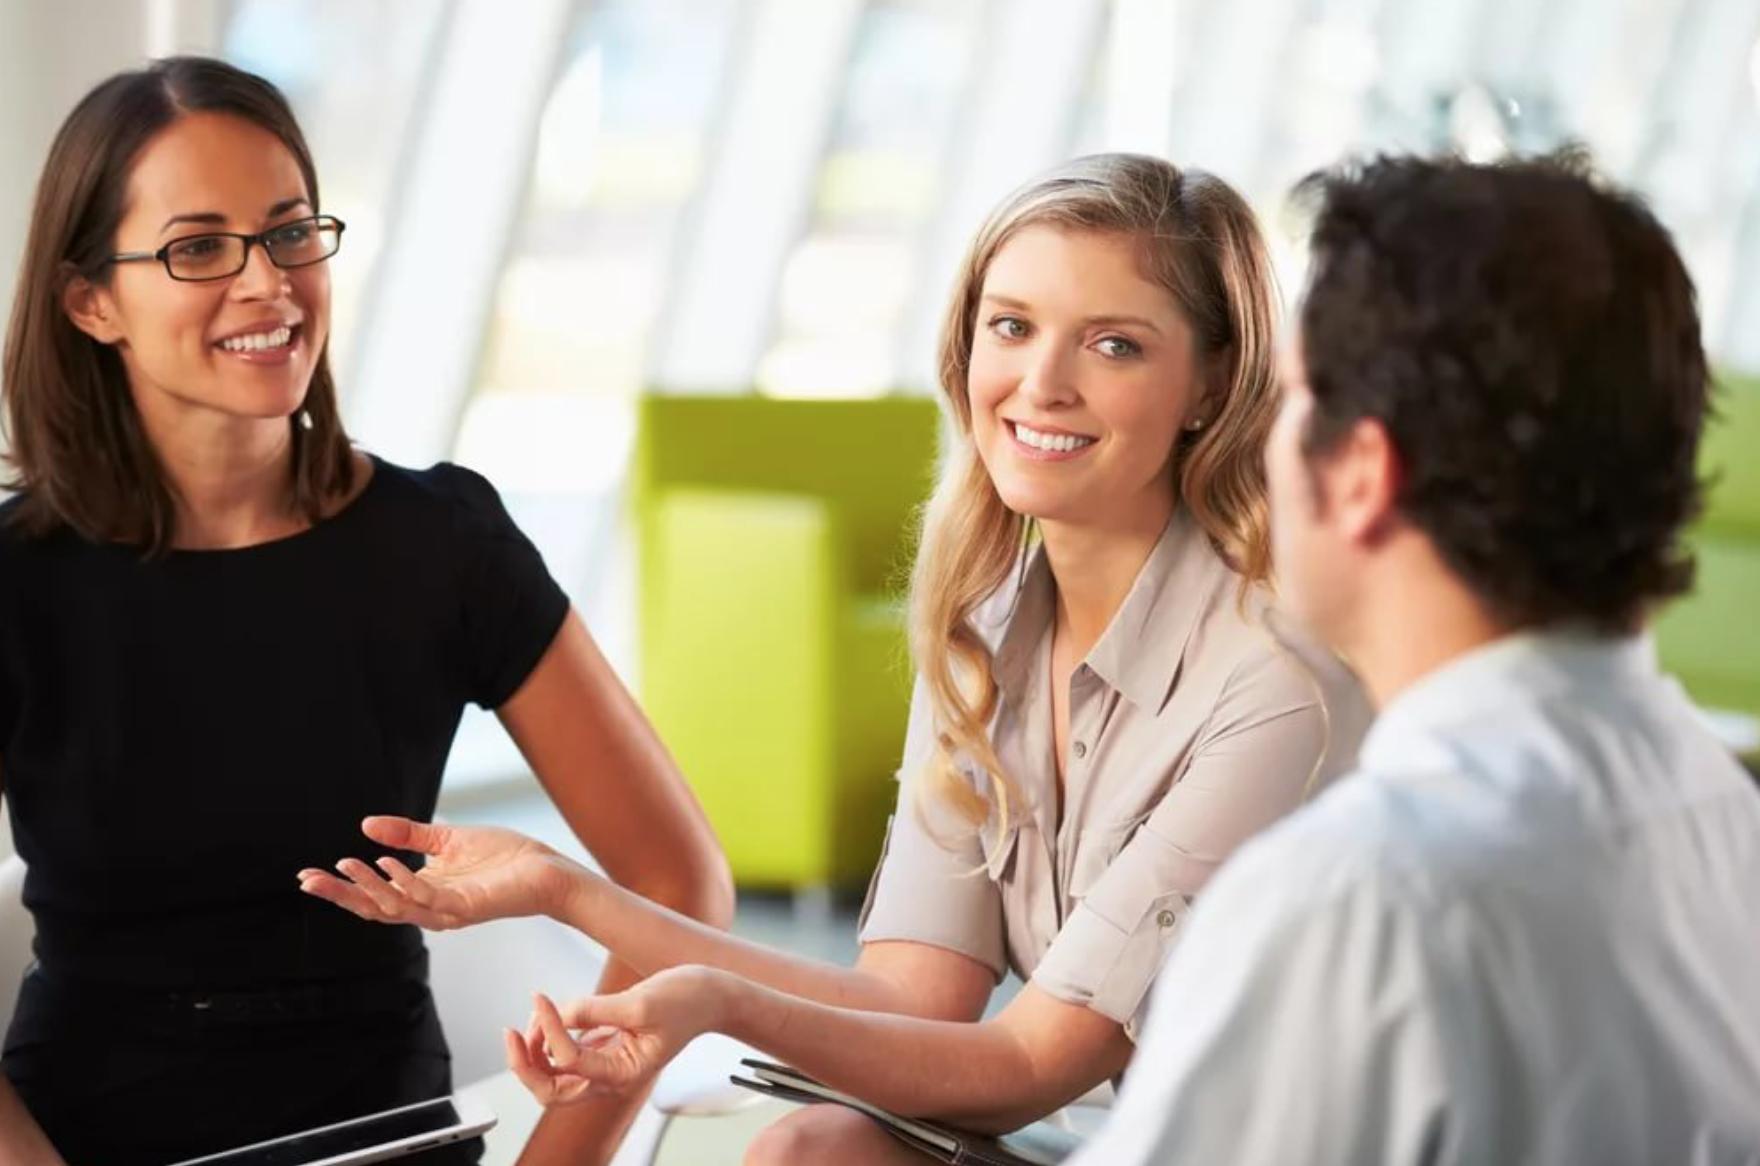 5 правил общения, которые научат вас располагать к себе людей